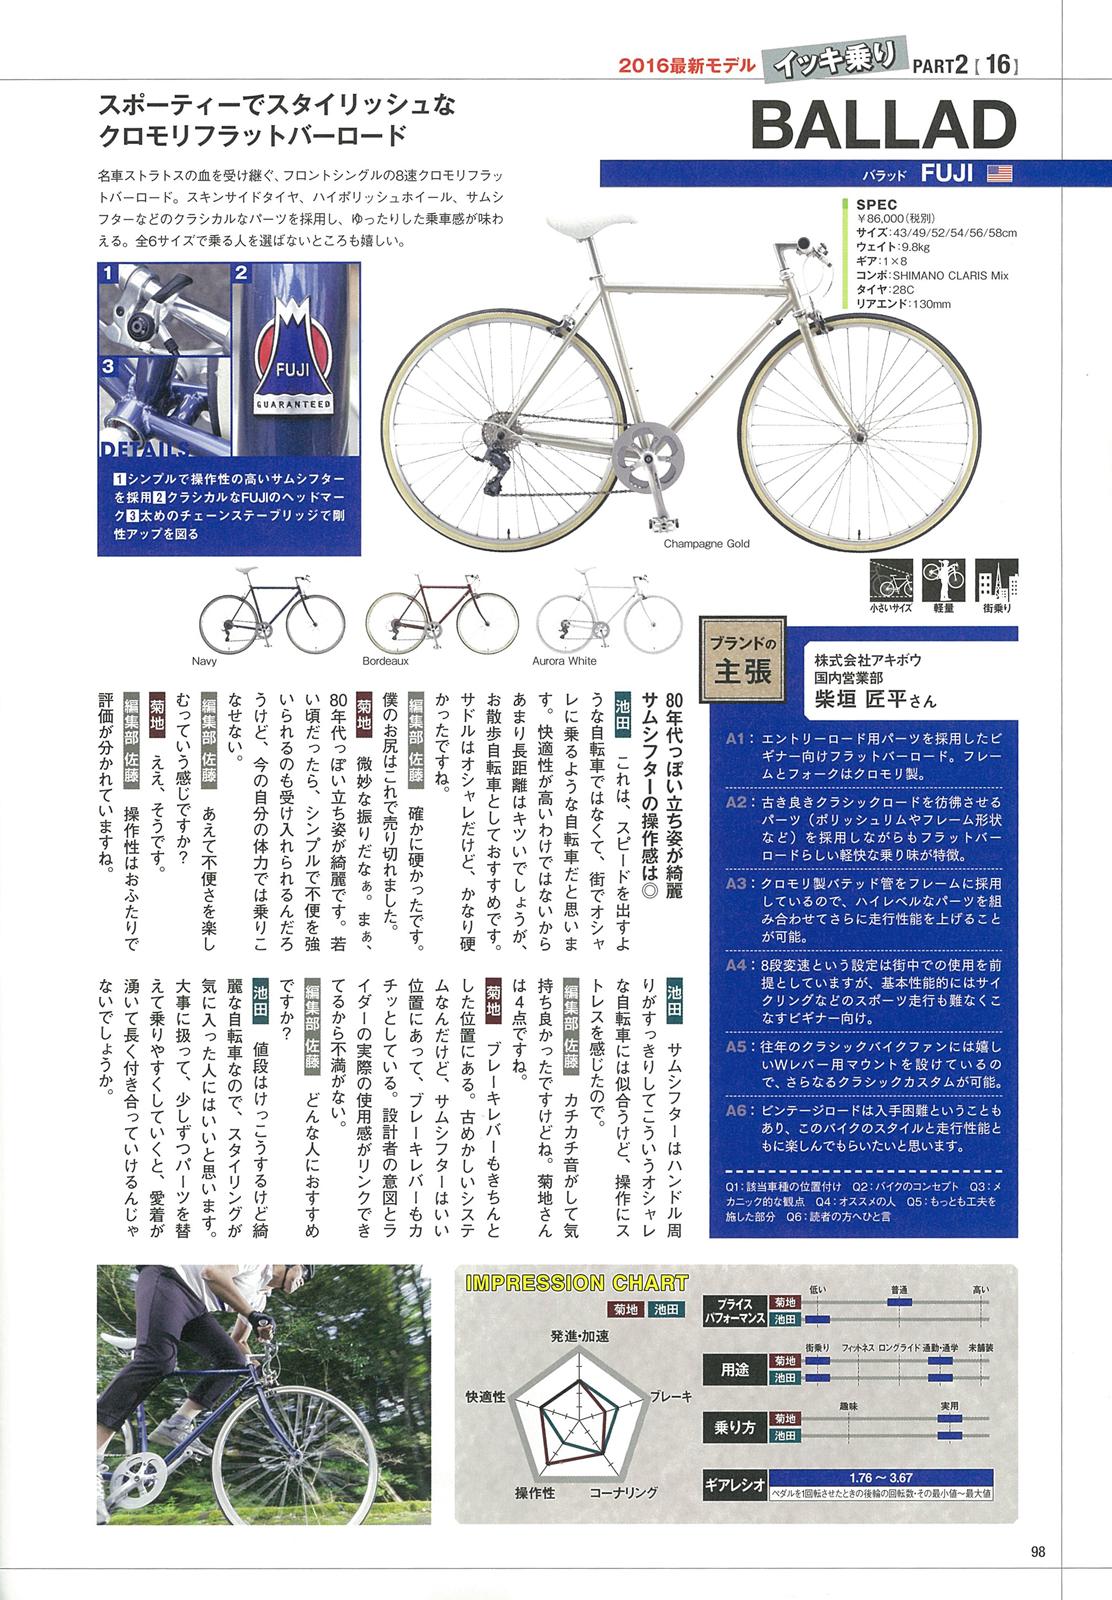 ヨドバシ.com - クロスバイク購入完全ガイド  …